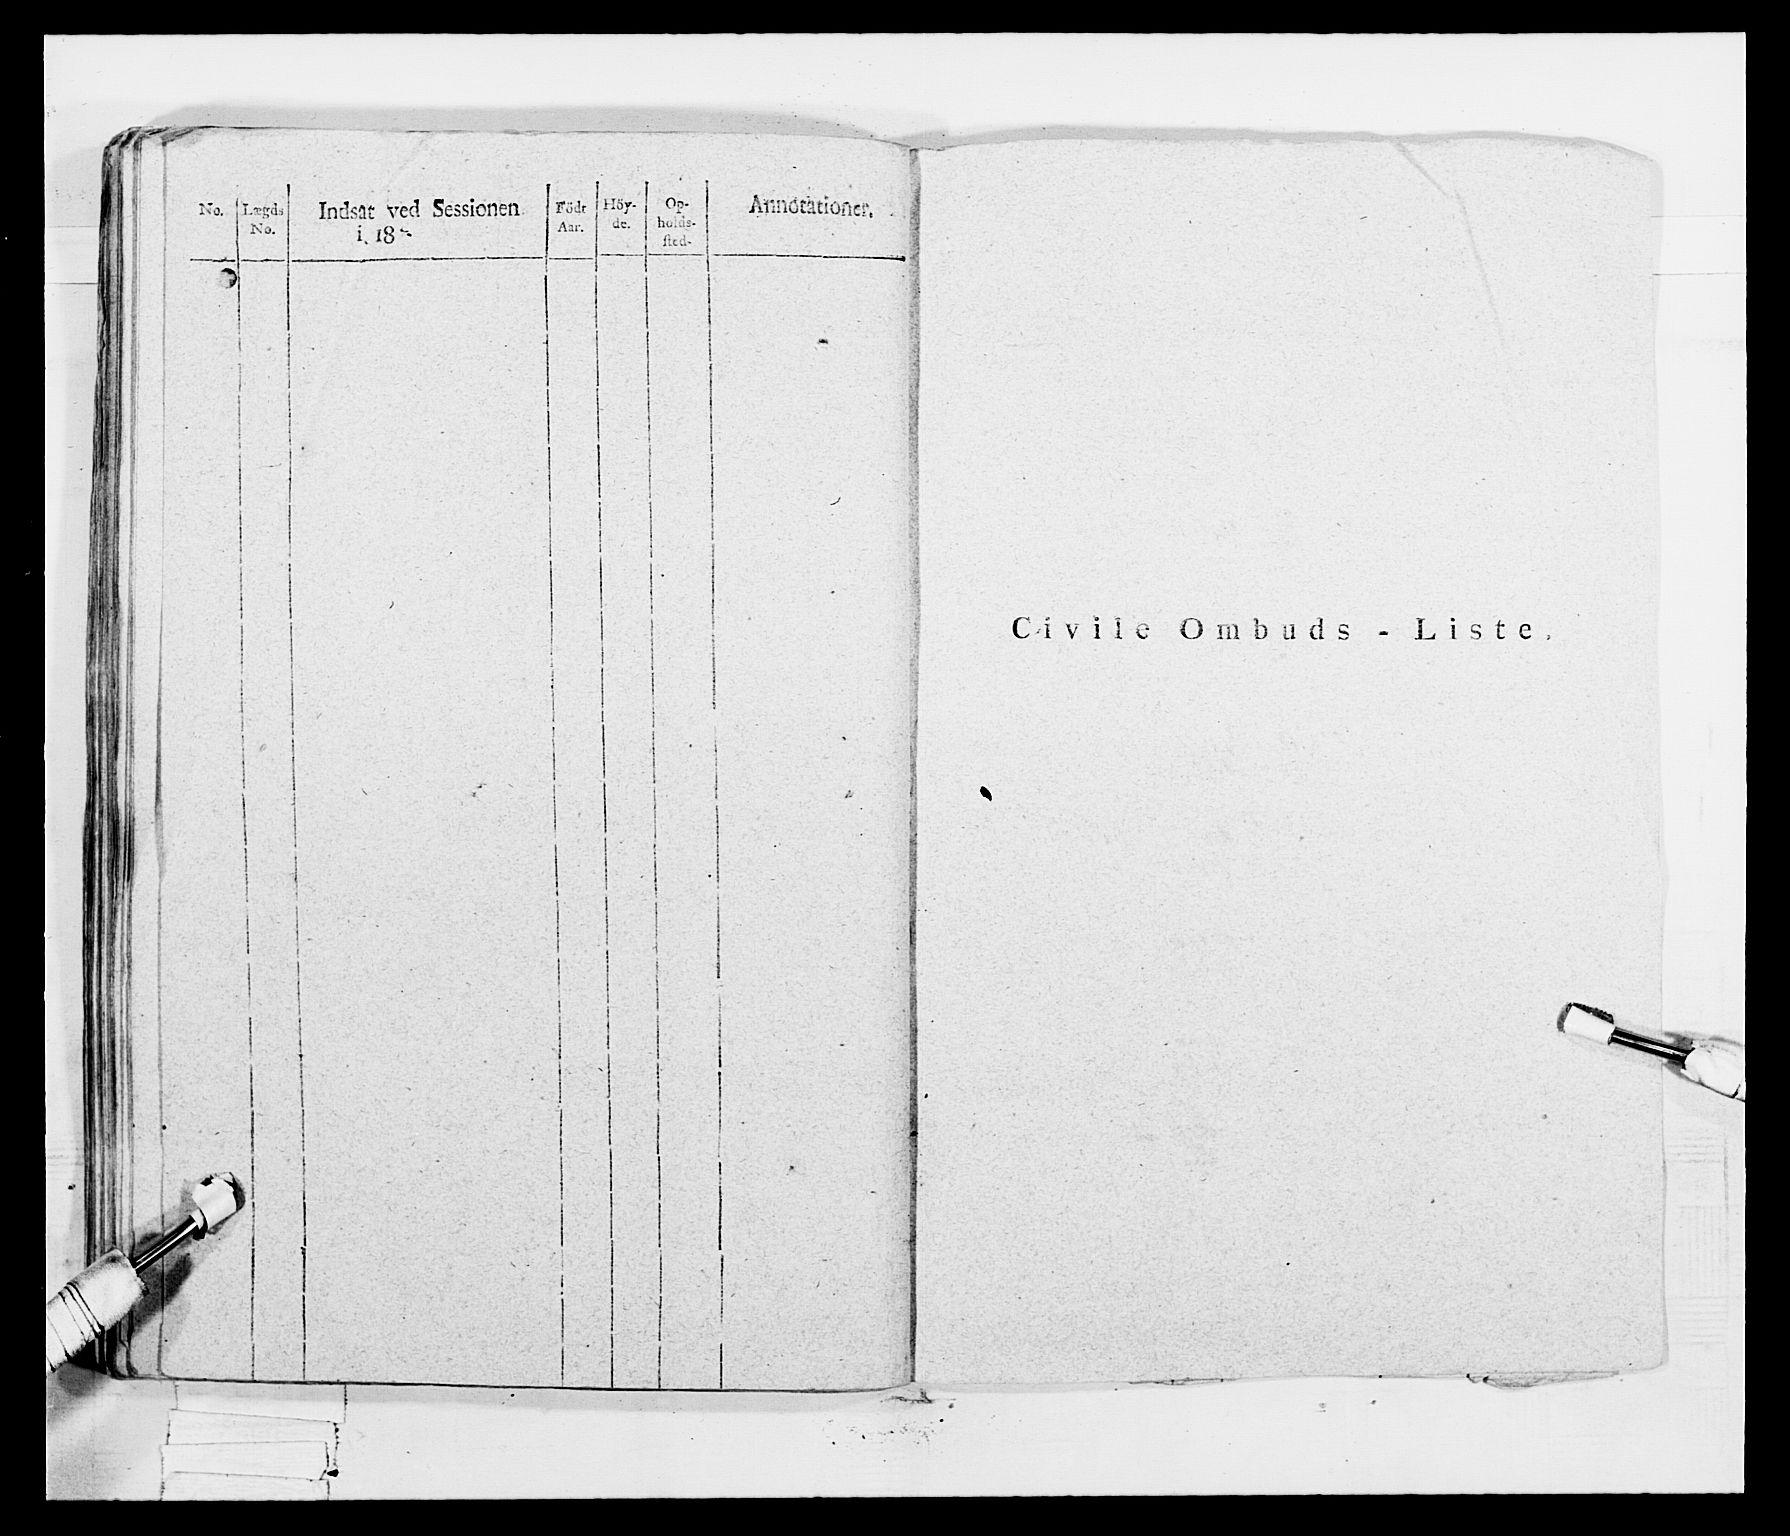 RA, Generalitets- og kommissariatskollegiet, Det kongelige norske kommissariatskollegium, E/Eh/L0047: 2. Akershusiske nasjonale infanteriregiment, 1791-1810, s. 458